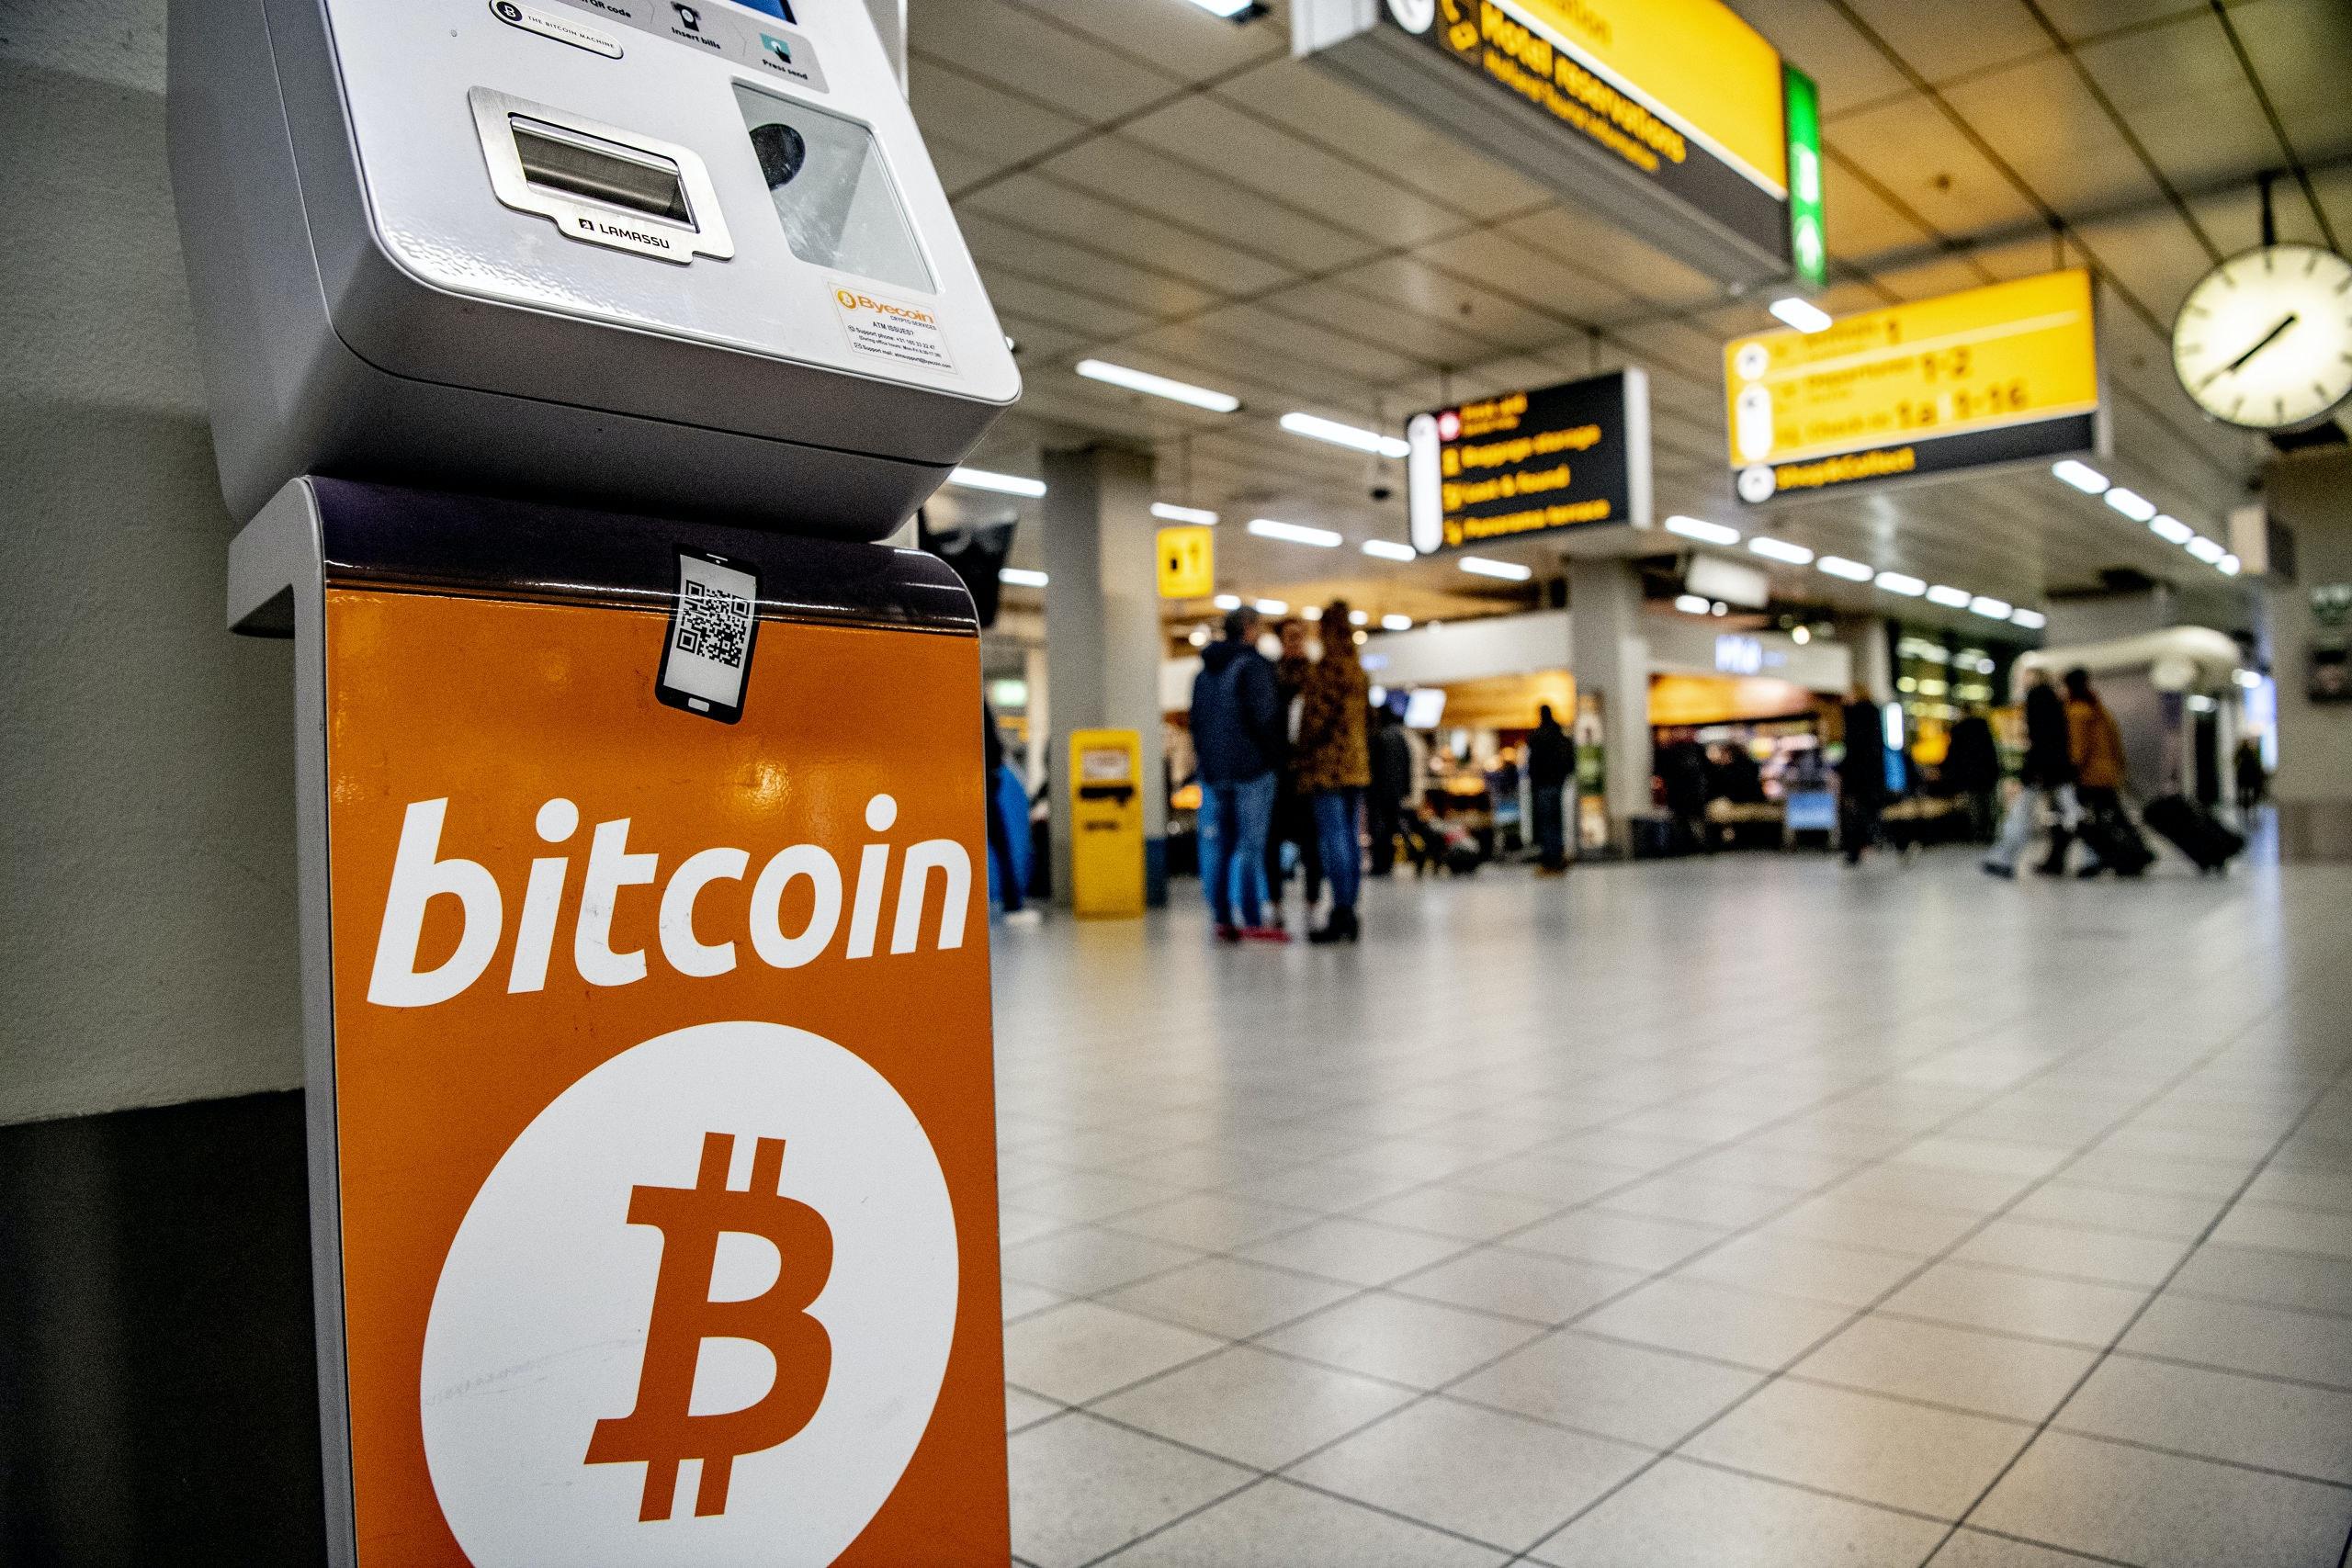 """SCHIPHOL - Reizigers op Schiphol die kort voor vertrek hun laatste euro's kwijt willen, kunnen deze vanaf woensdag inwisselen voor cryptomunten bitcoin en ethereum. Op de luchthaven is als proef een 'bitcoin-automaat"""" neergezet.ROBIN UTRECHT afm afrekenen altcoins betaalgemak betaalmiddel betaalmogelijkheid betaaloptie betaalsysteem betalen betalingsmiddel betalingssysteem binance bit bit coin bit-coin bitcoin bitcoinautomaat bitcoins bittrex block blockchain bubbel coin coinbase computer crypto cryptomunt cryptomuntautomaat cryptovaluta decentrale diensten digitaal digitaal betalen e e-commerce e-geld e-money economie electronisch encryptie exchange geld geldwisselautomaat gemak handel handelen handelsplatform hitbtc holland ijzersterke internet internetbetaalmiddel internetbetalen internetgeld logo munt munteenheid nederland peer peer-to-peer peer-to-peer-technologie prijsschommeling protocol regulering techniek technologie valuta veilige virtueel virtuele voordeel voordelig vrije waardeeenheid wallet wisselen"""